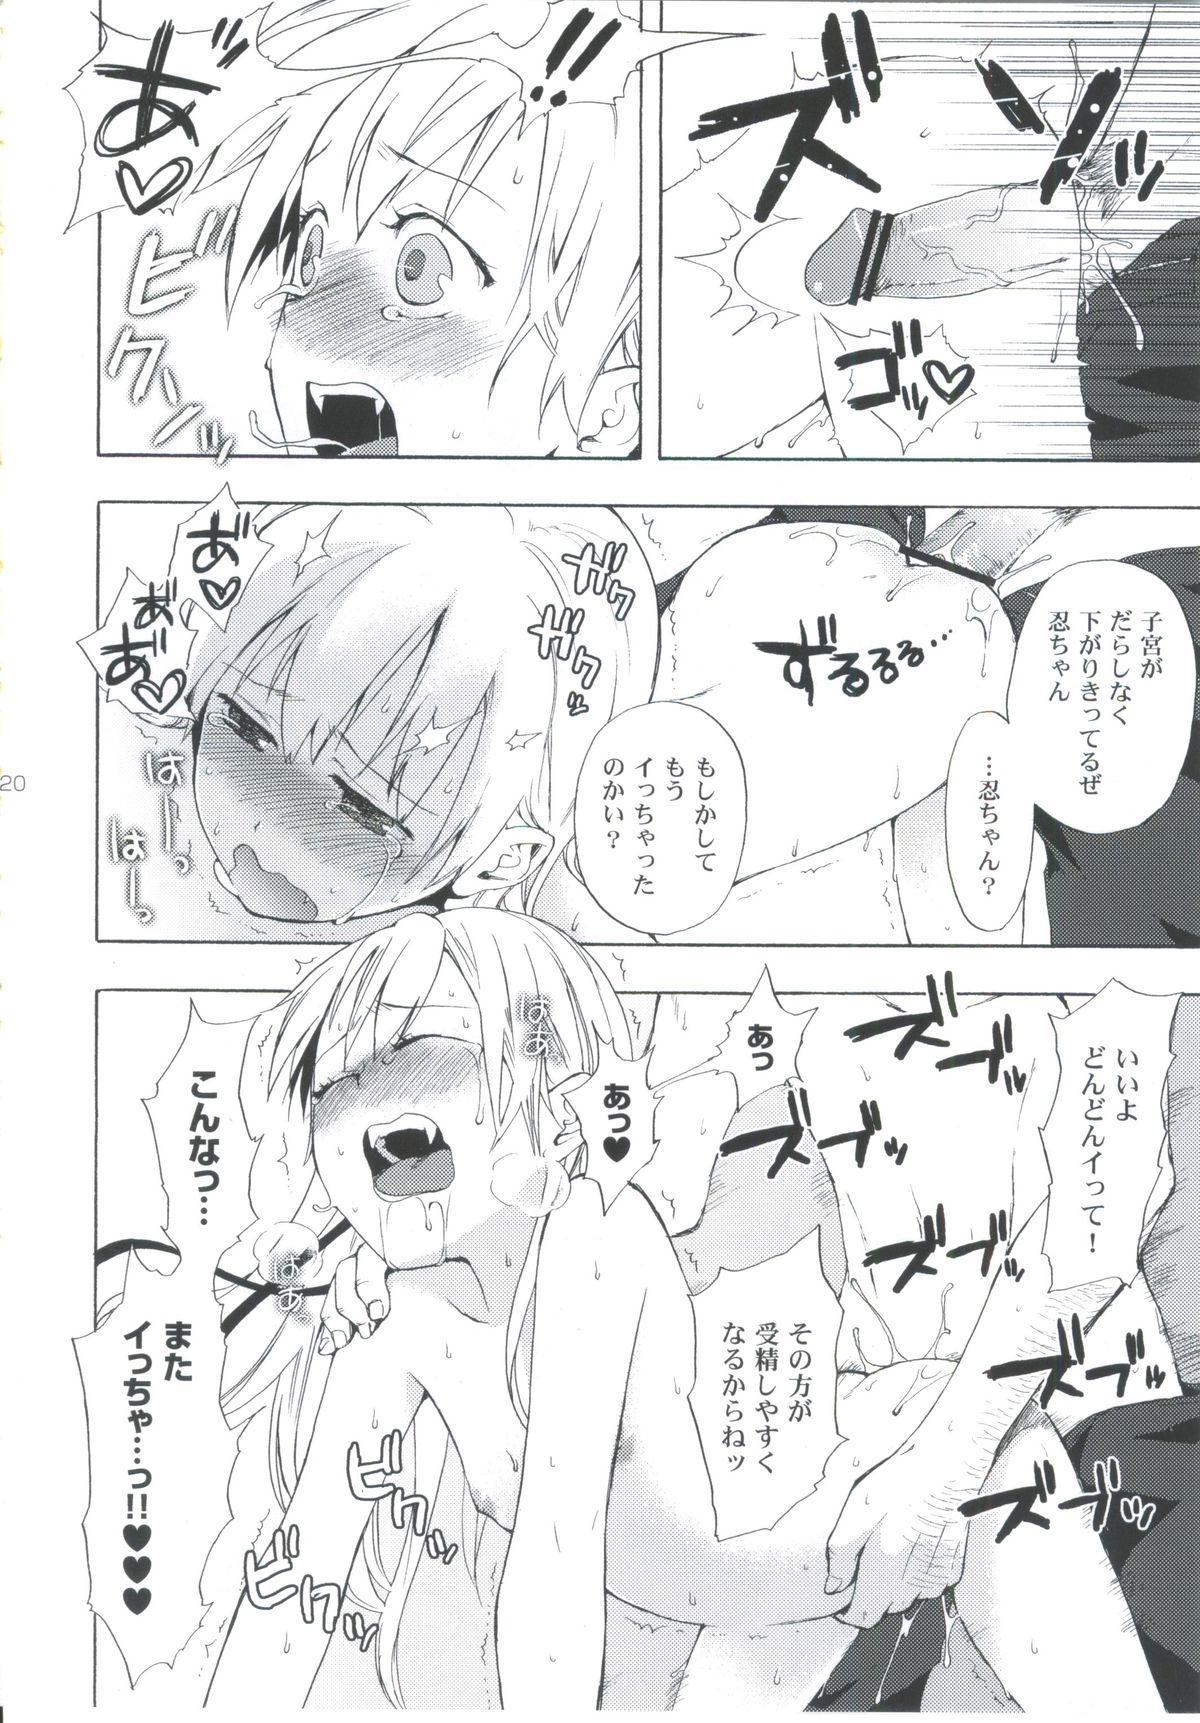 (SC48) [Aa Aishiteru (Taishow)] Oshino-san-chi no Shinobu-chan. Sono 3 (Bakemonogatari) 18